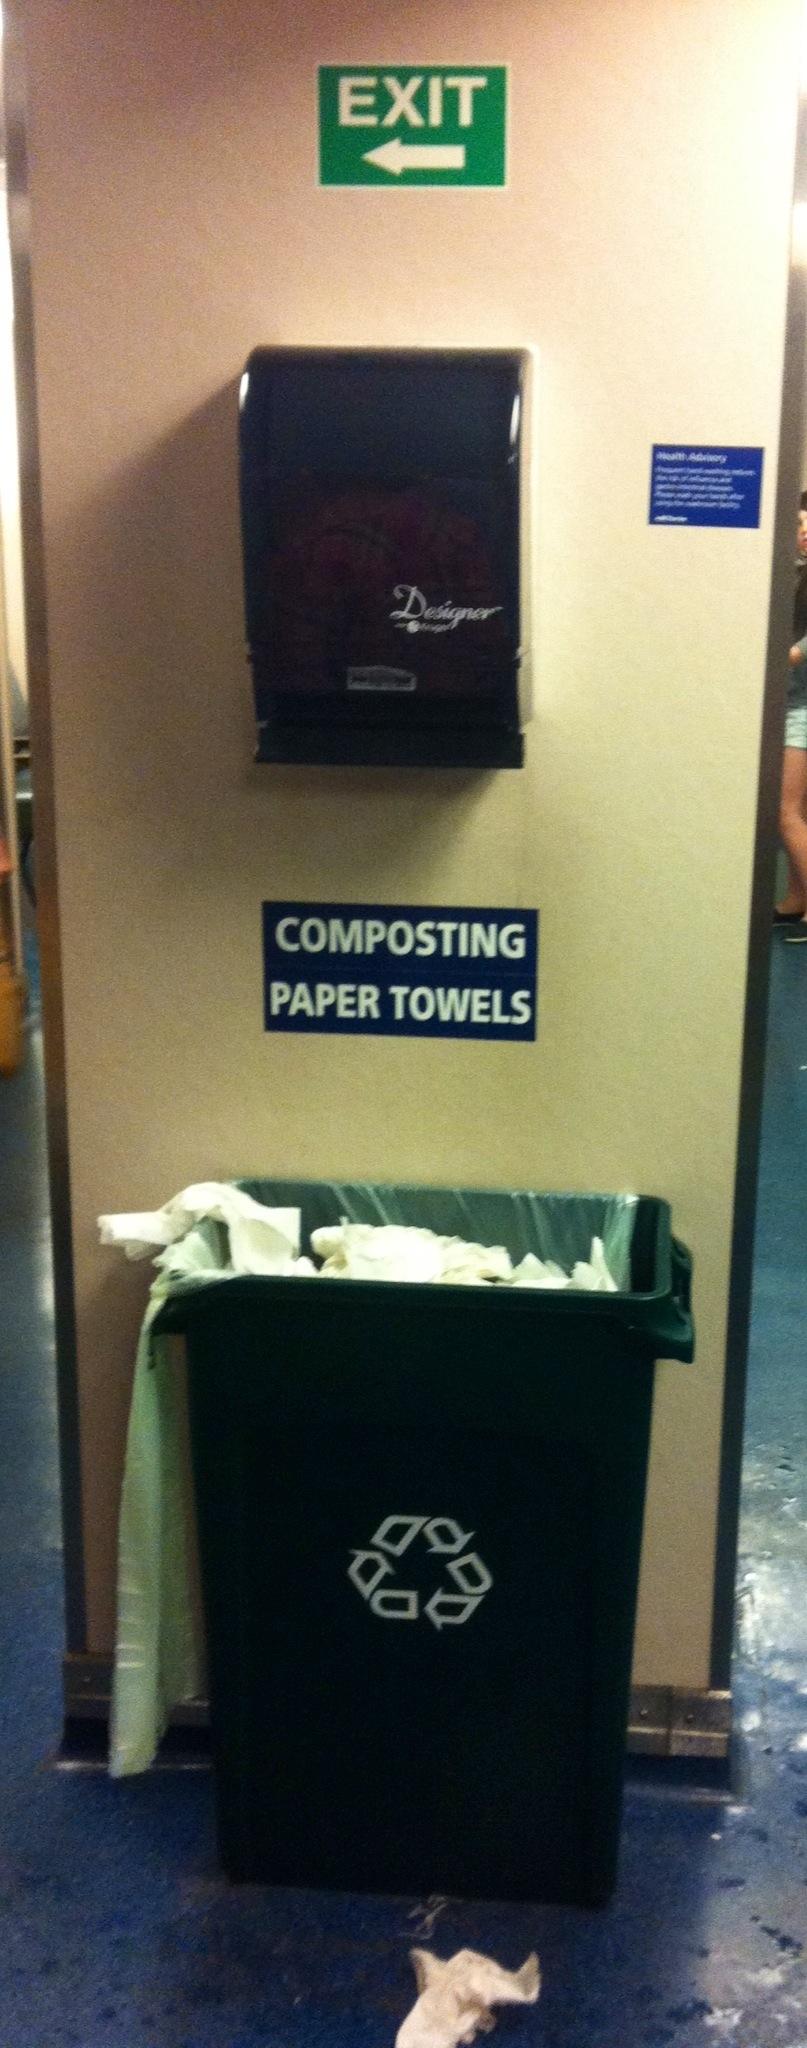 composting used paper towels the deeper side blog by gurdeep stephens. Black Bedroom Furniture Sets. Home Design Ideas